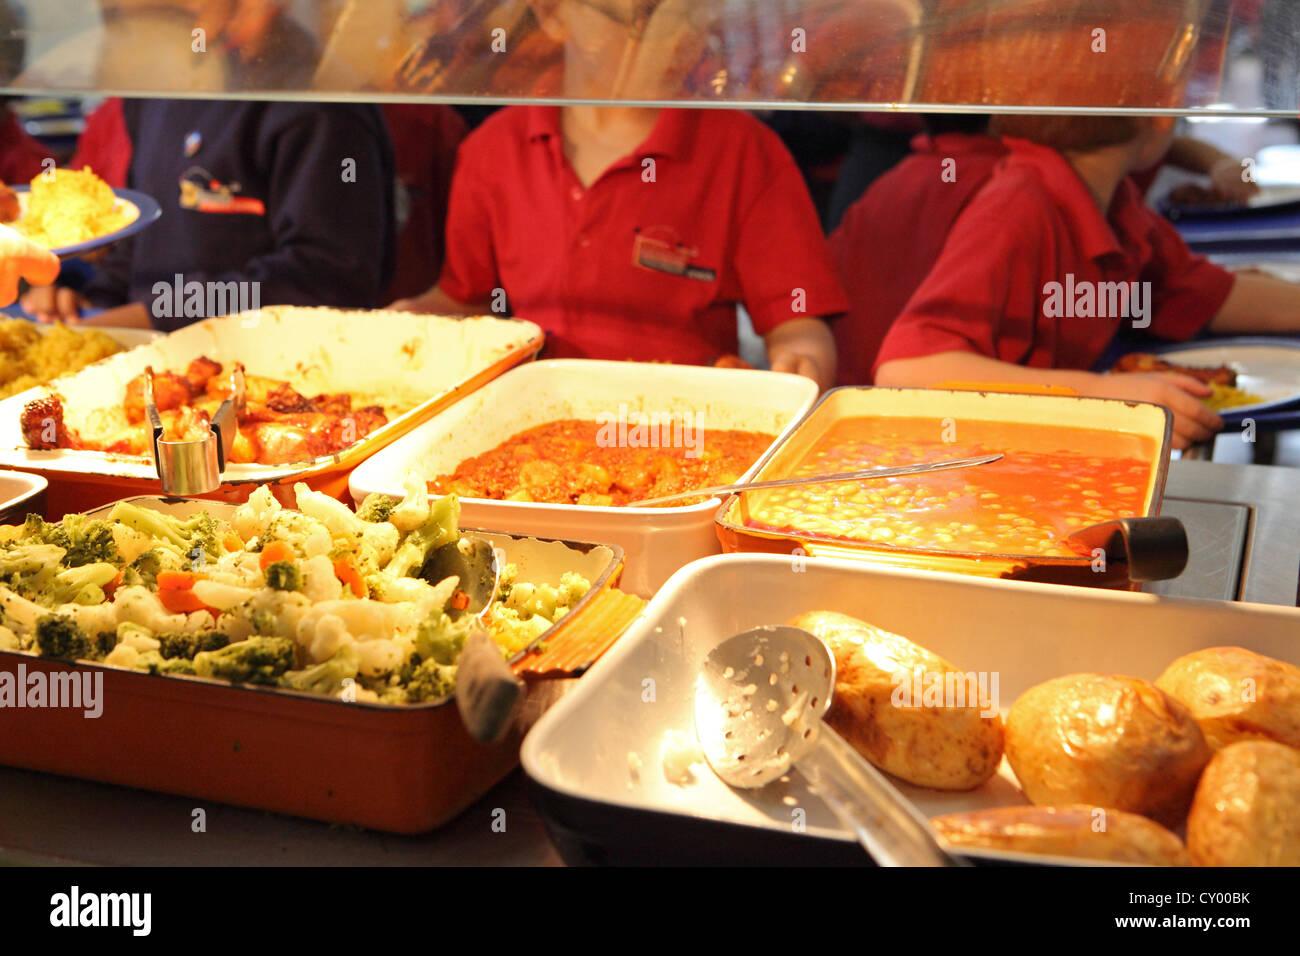 Primary school lunchtime, School Canteen queue, school dinner, London, UK Stock Photo